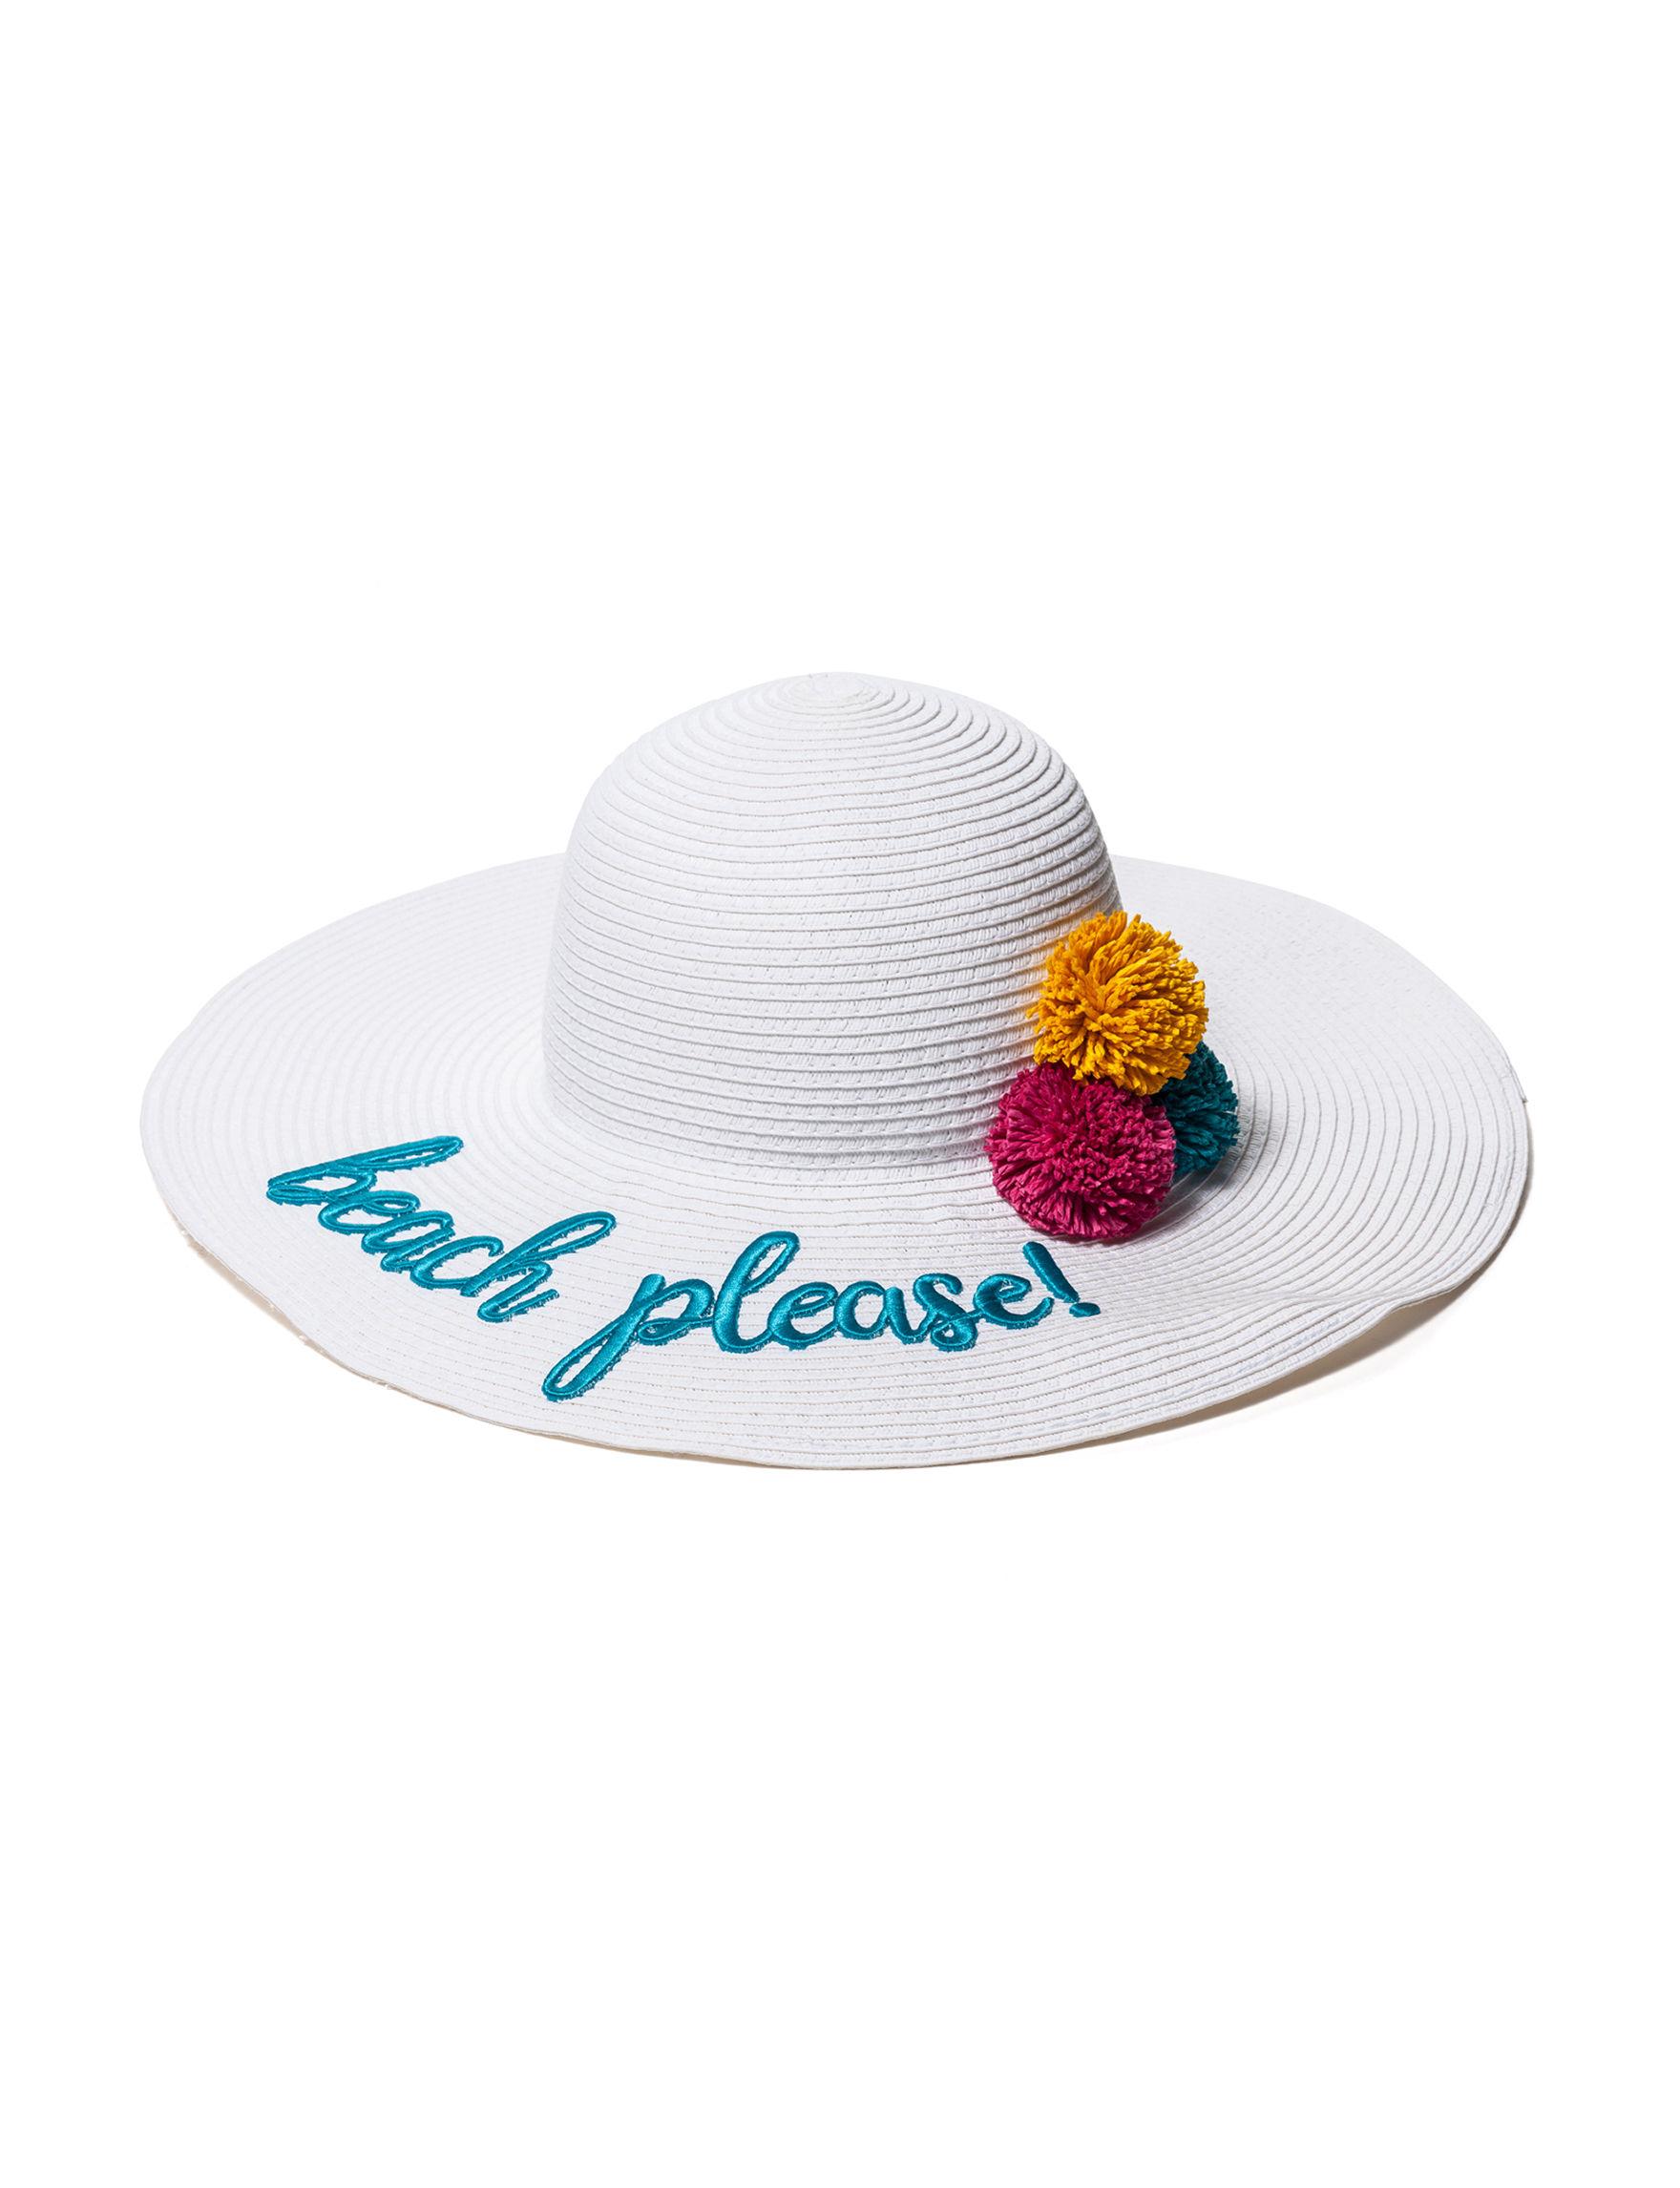 Lake Shore Drive White Hats & Headwear